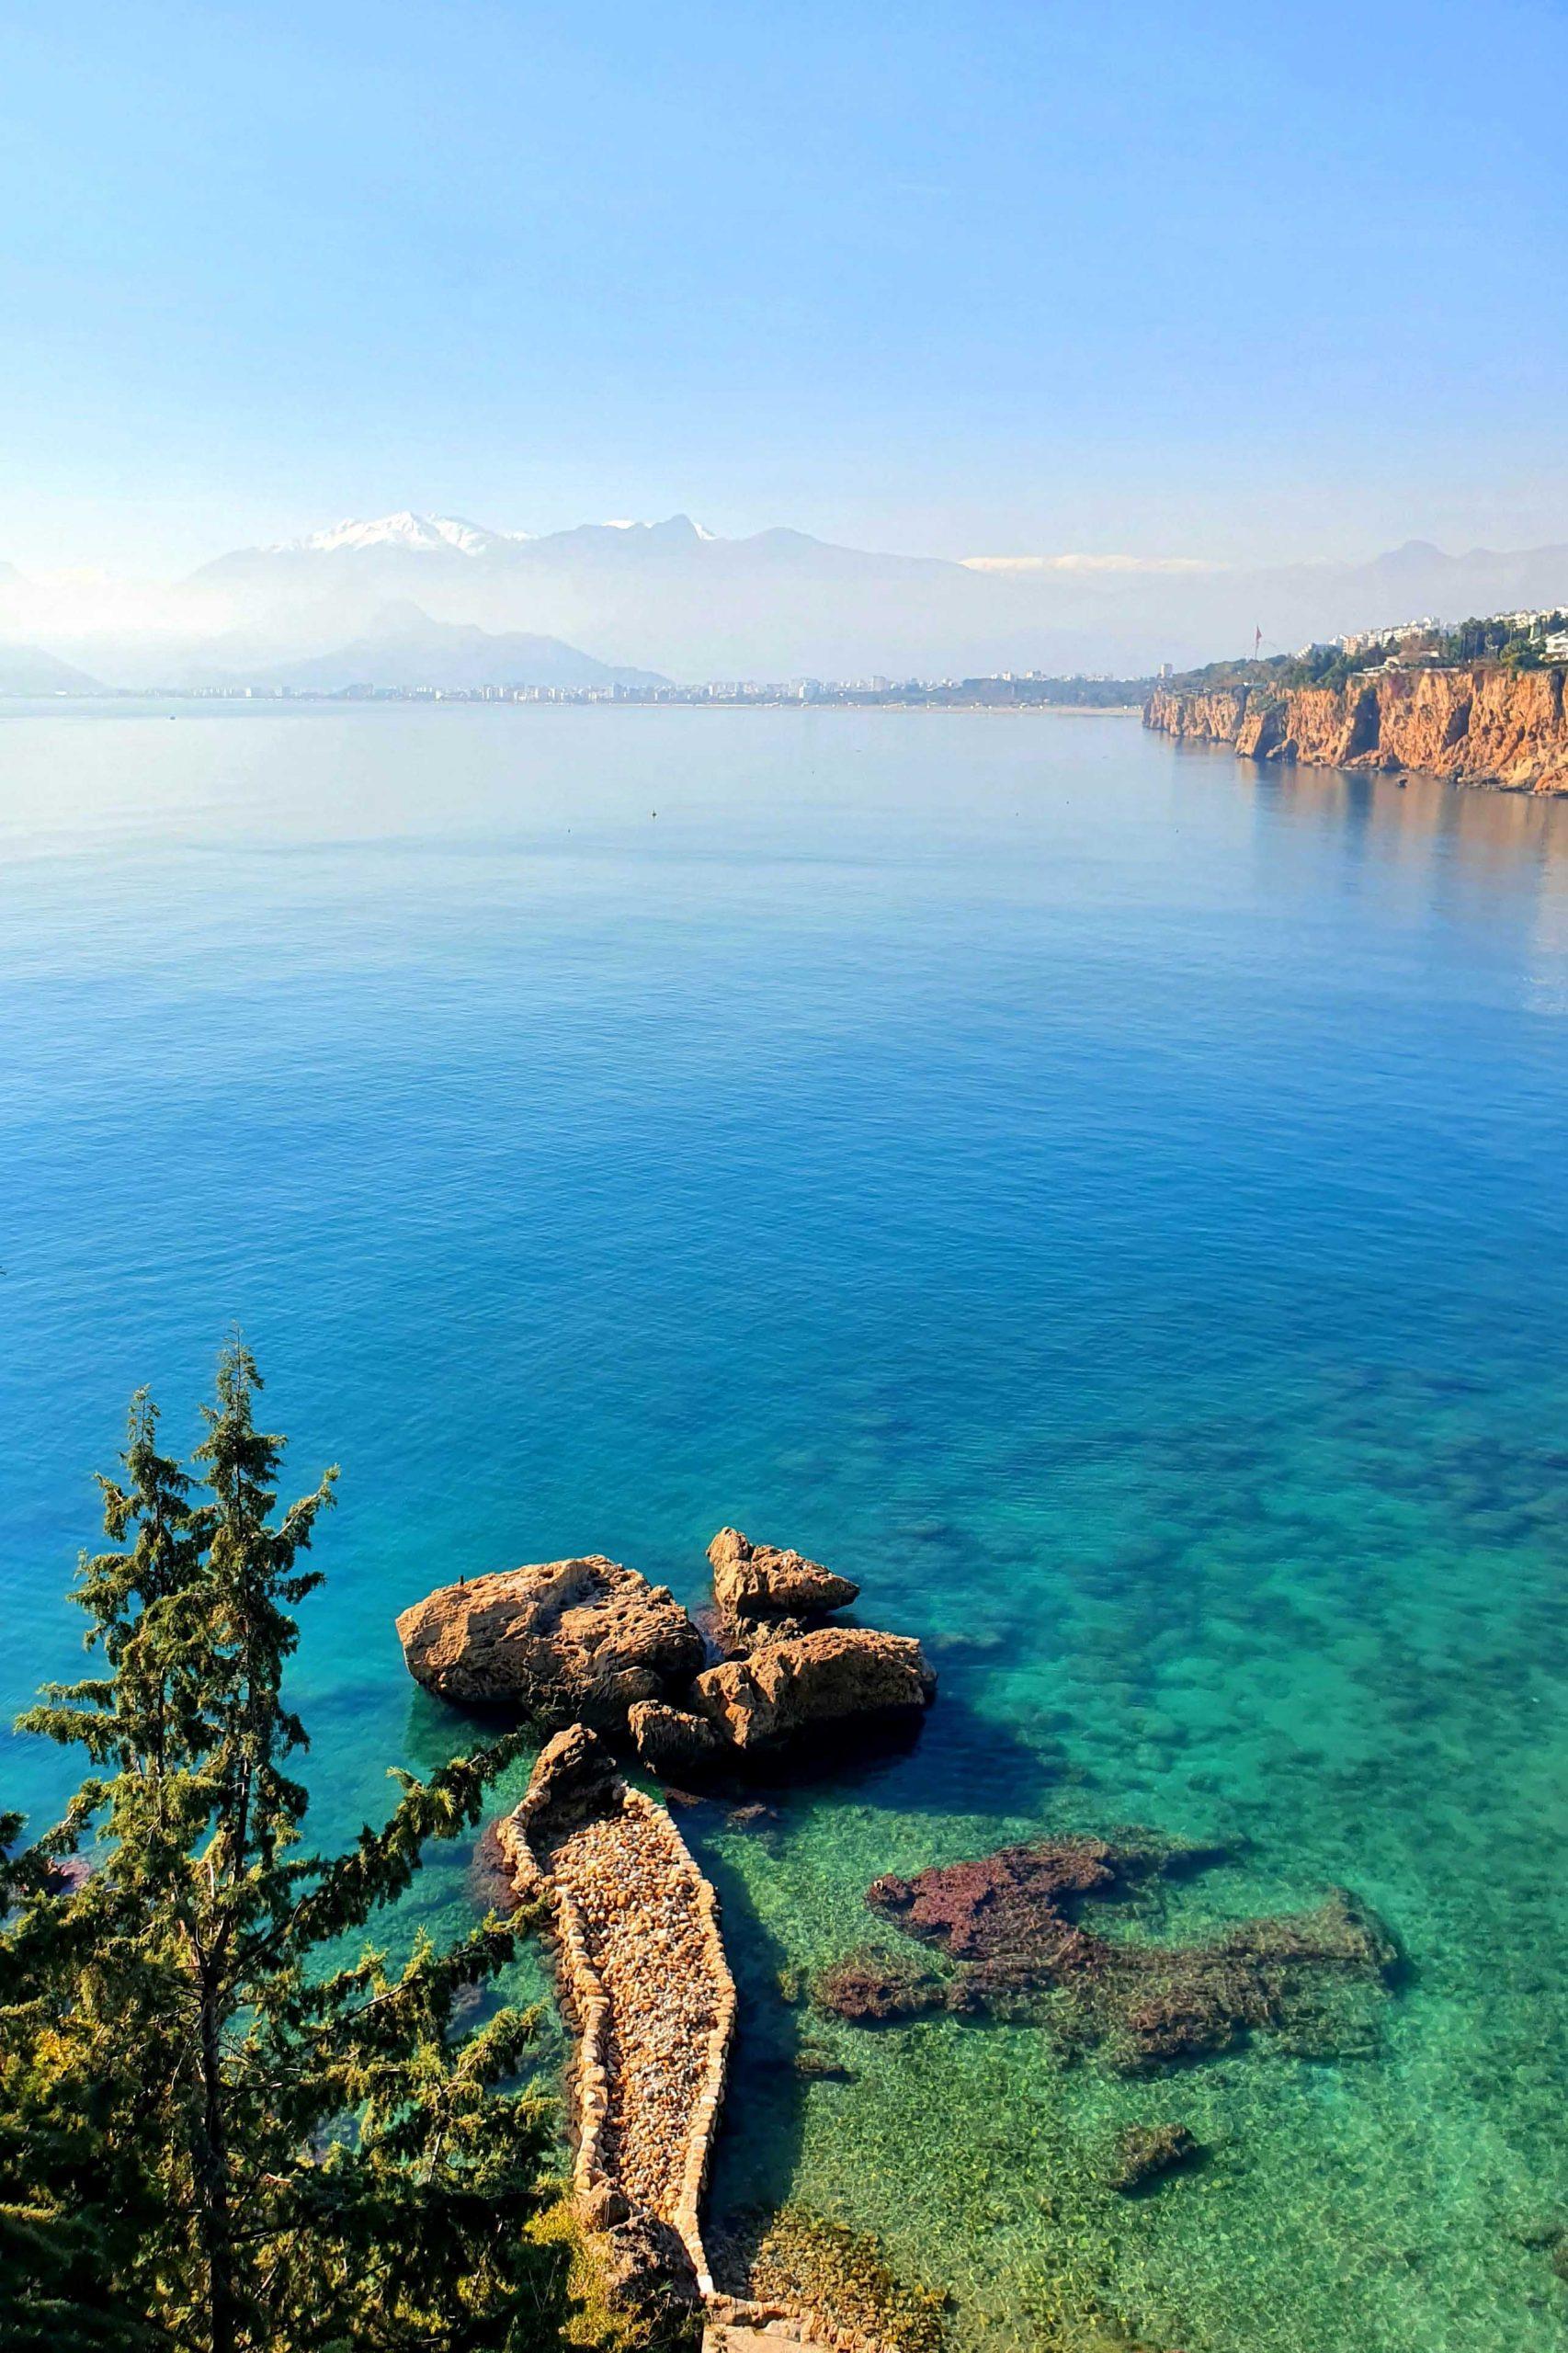 Mediterranean sea in Antalya, Turkey